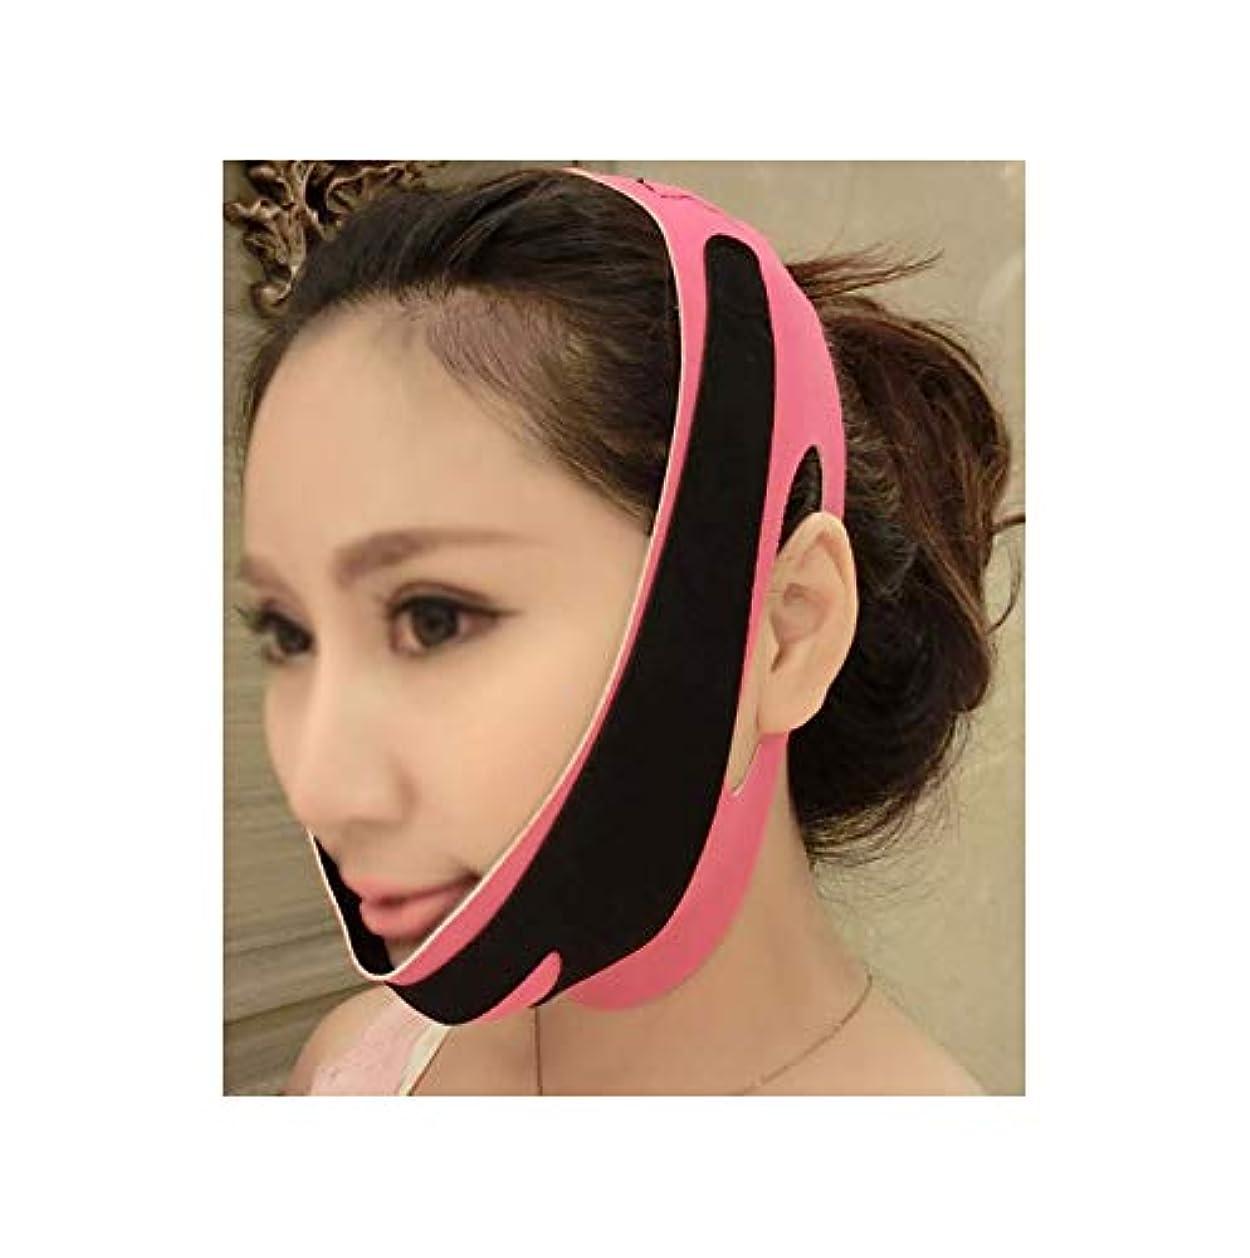 核汚れる不承認薄い顔包帯フェイススリム二重あごを取り除きますVラインフェイスシェイプを作成チンチークリフトアップアンチリンクルリフティングベルトフェイスマッサージツール女性と女の子